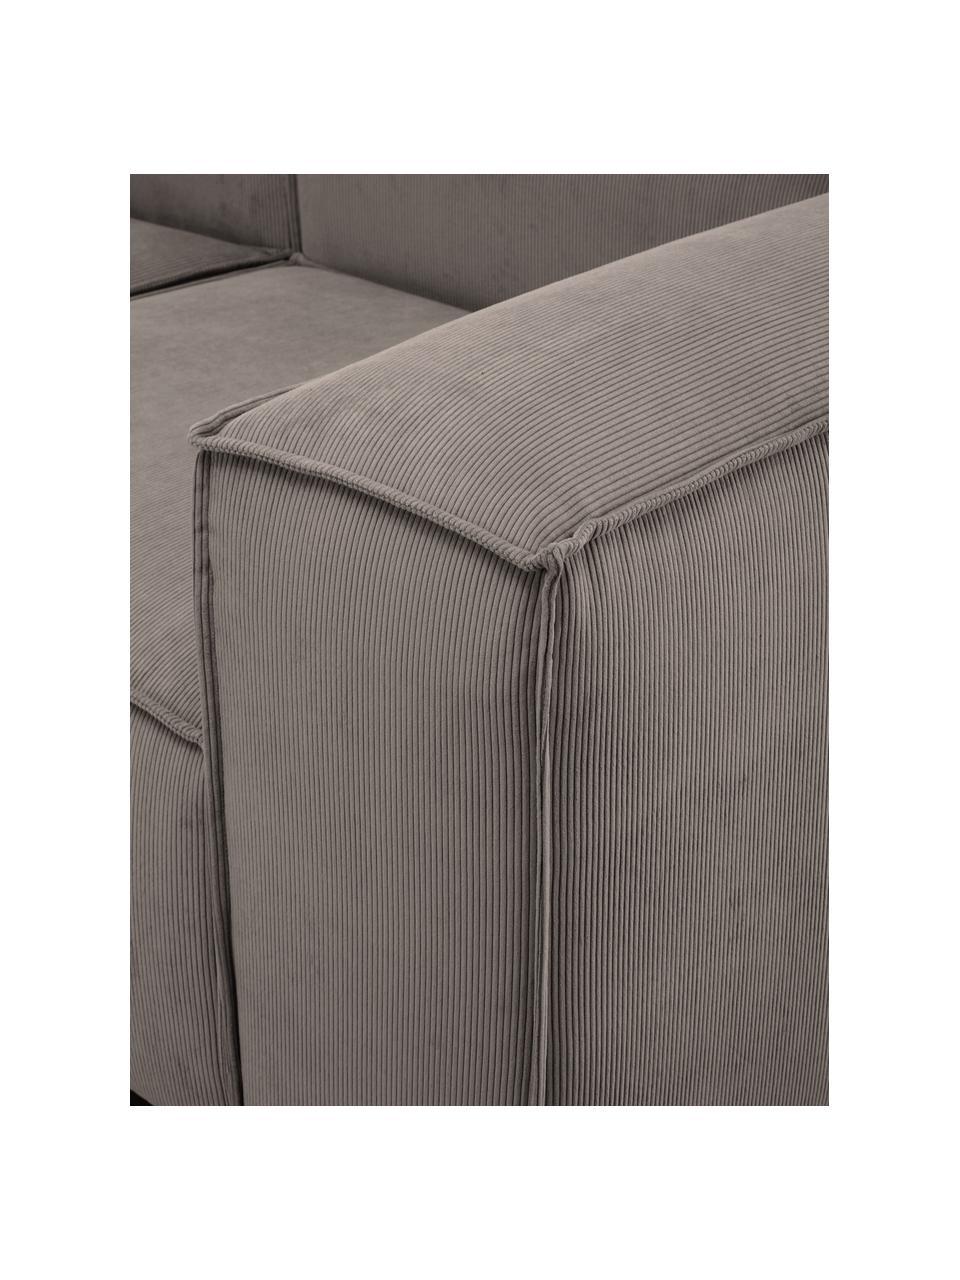 Modulaire bank Lennon (3-zits) in bruin van corduroy, Bekleding: corduroy (92% polyester, , Frame: massief grenenhout, multi, Poten: kunststof De poten bevind, Corduroy bruin, 238 x 119 cm